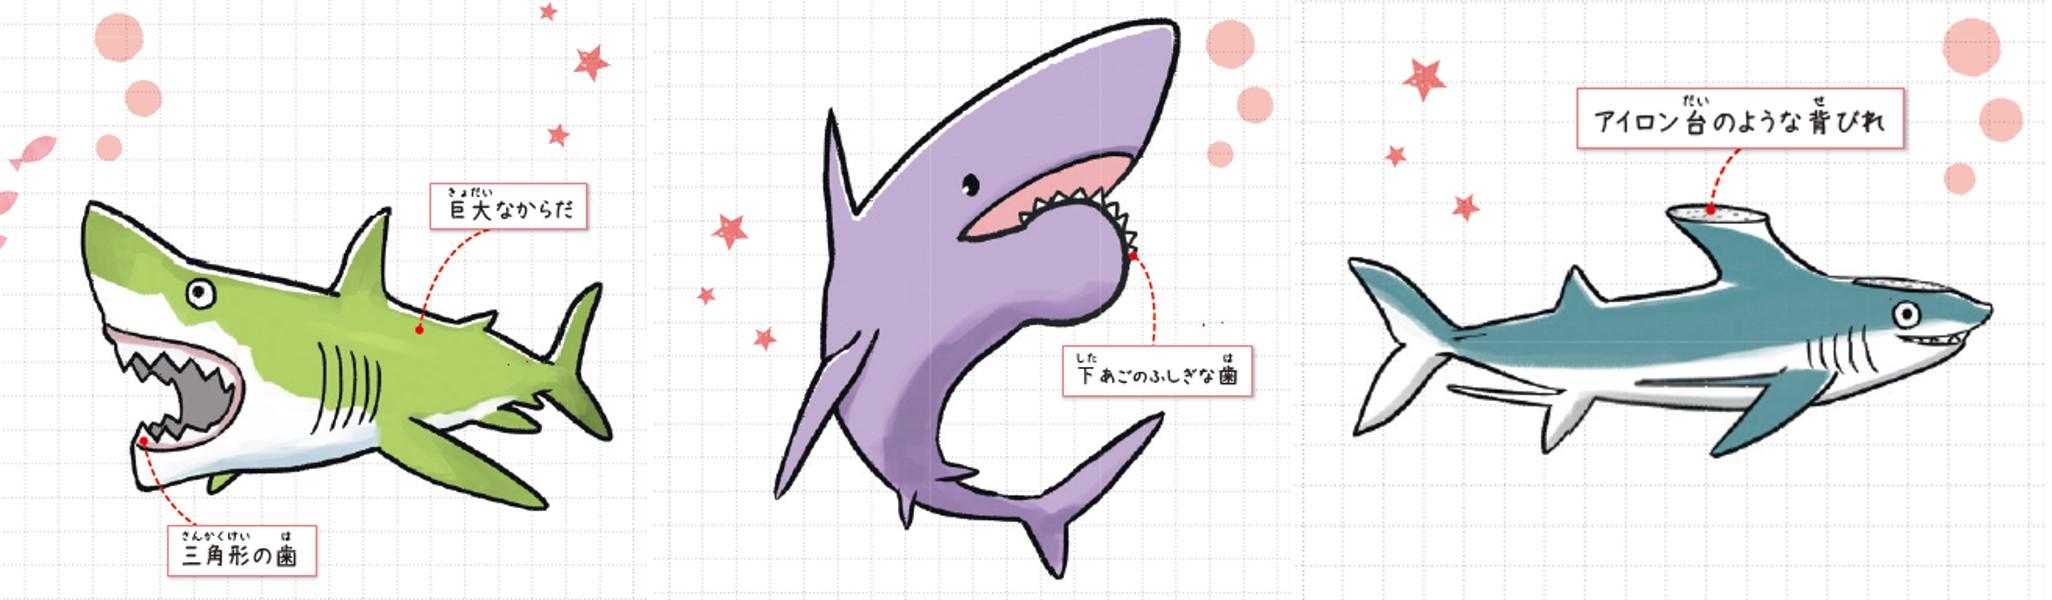 「驚きの形も古代ザメの魅力」本誌紙面